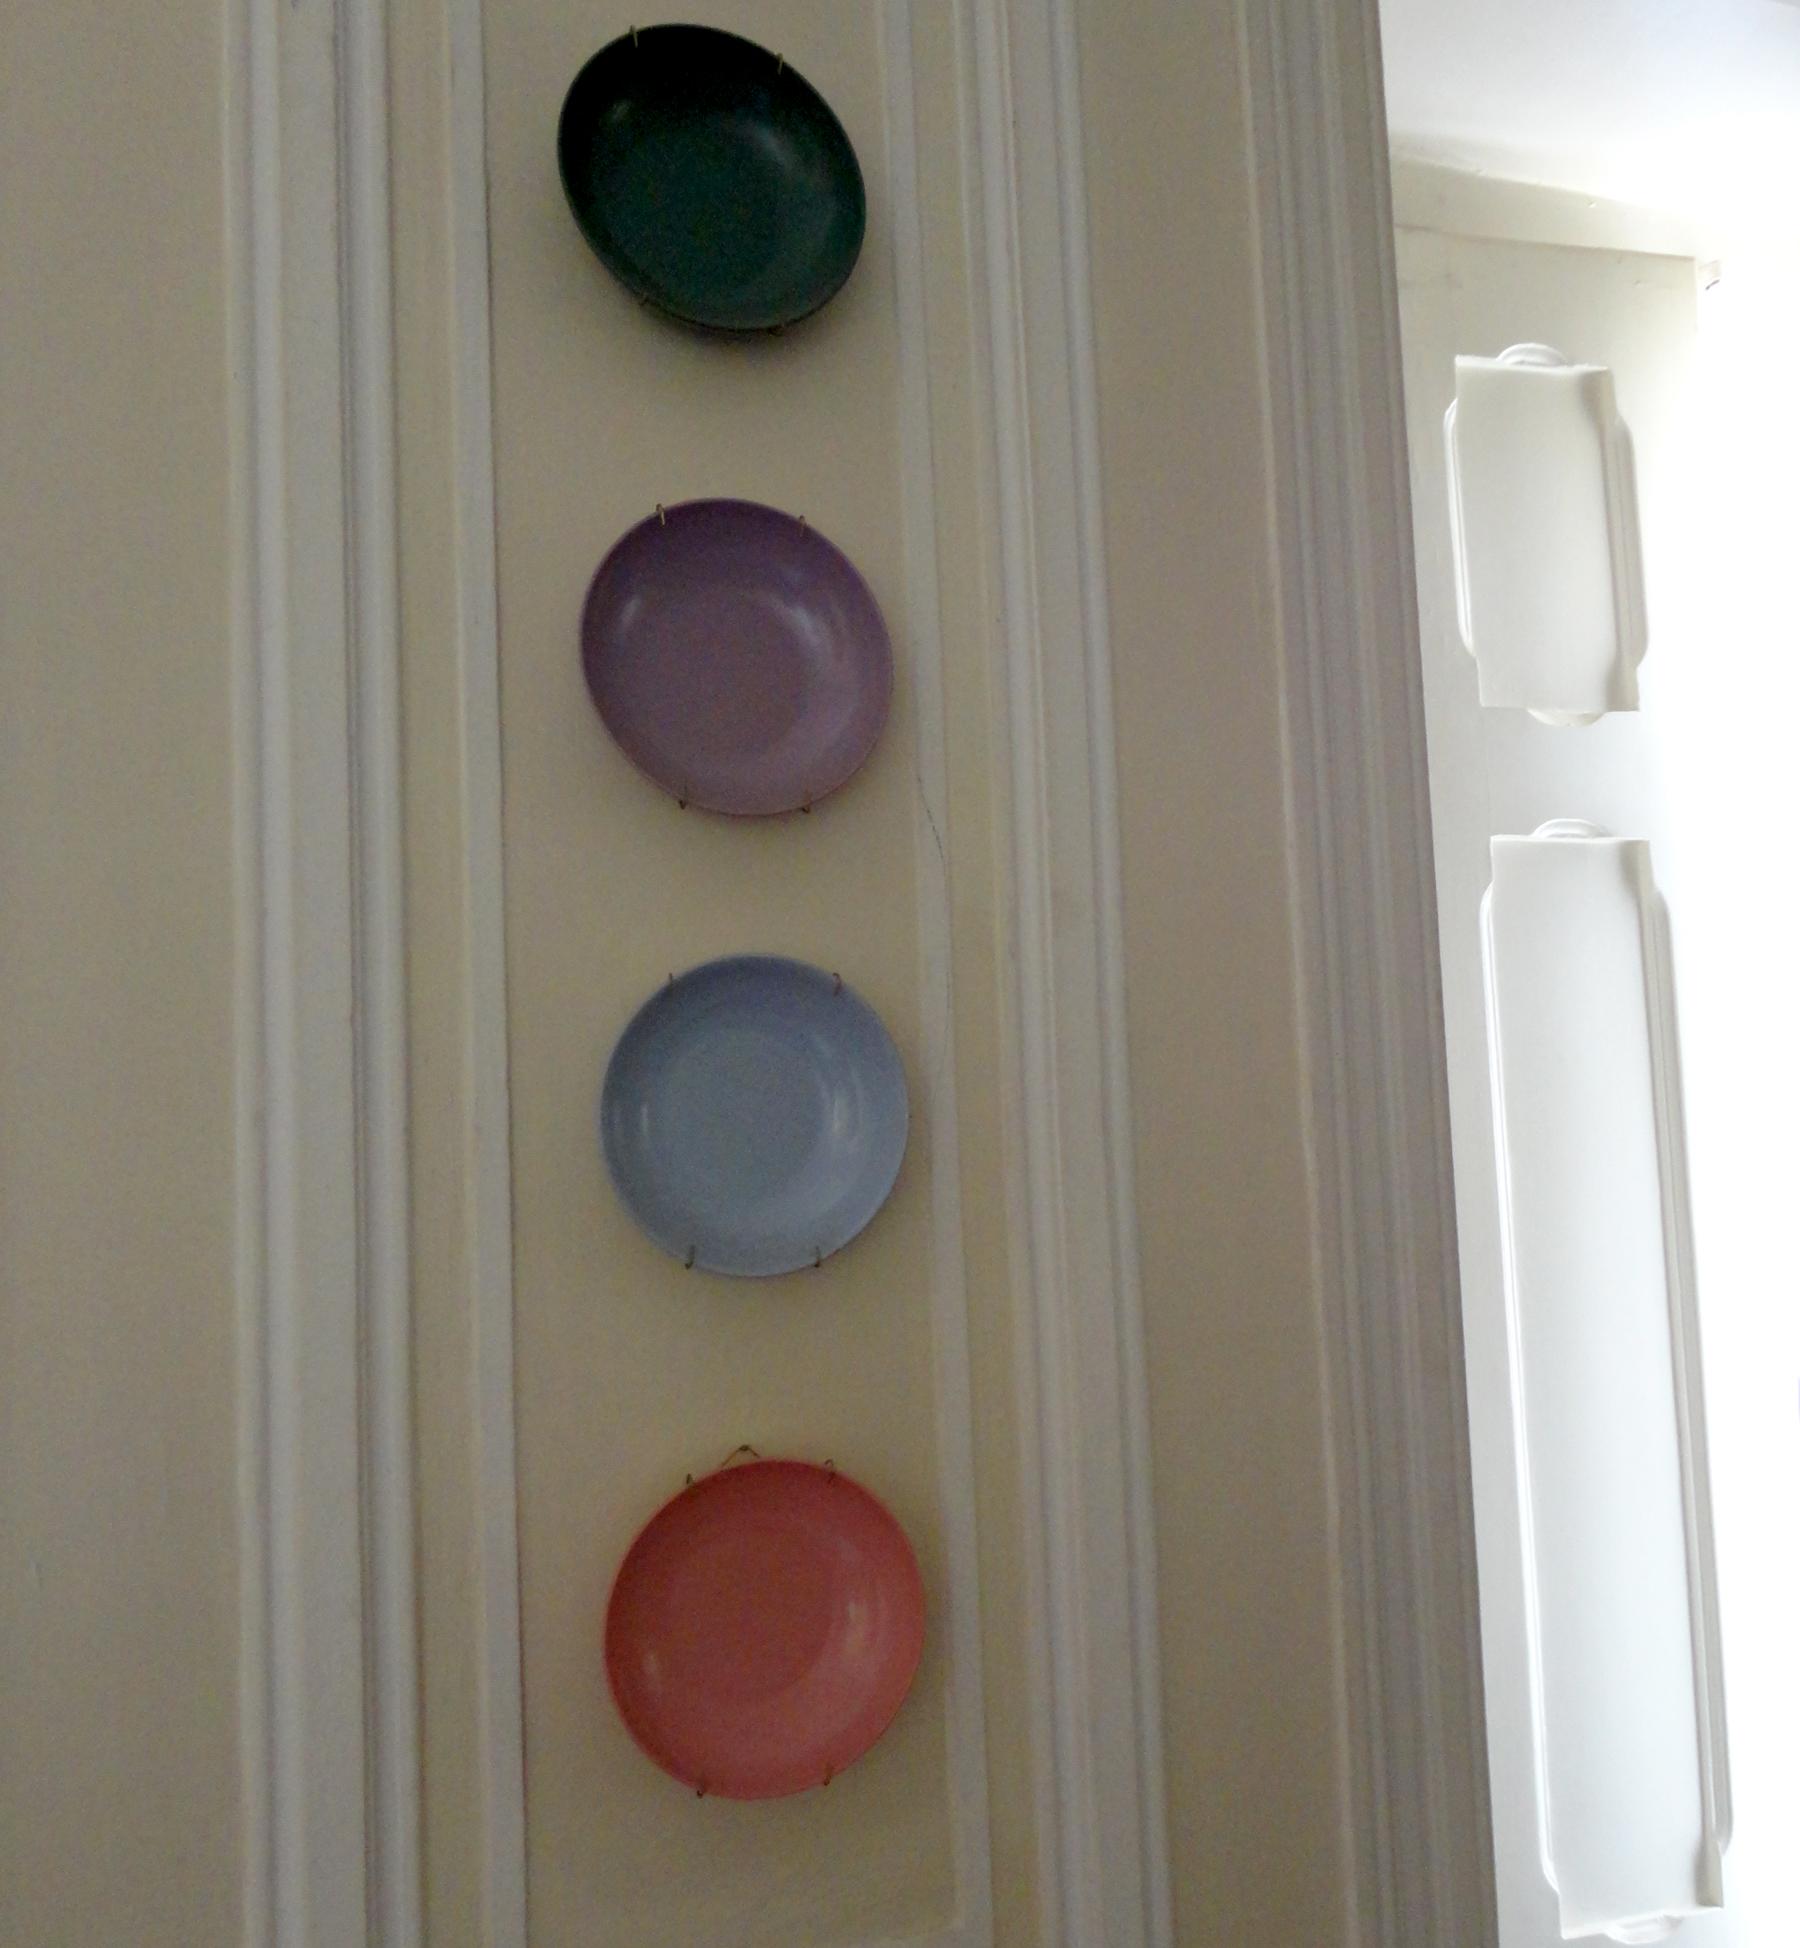 devido às caracteristicas destes pratos (backlit) a ideia de expô-los nas paredes é genial.